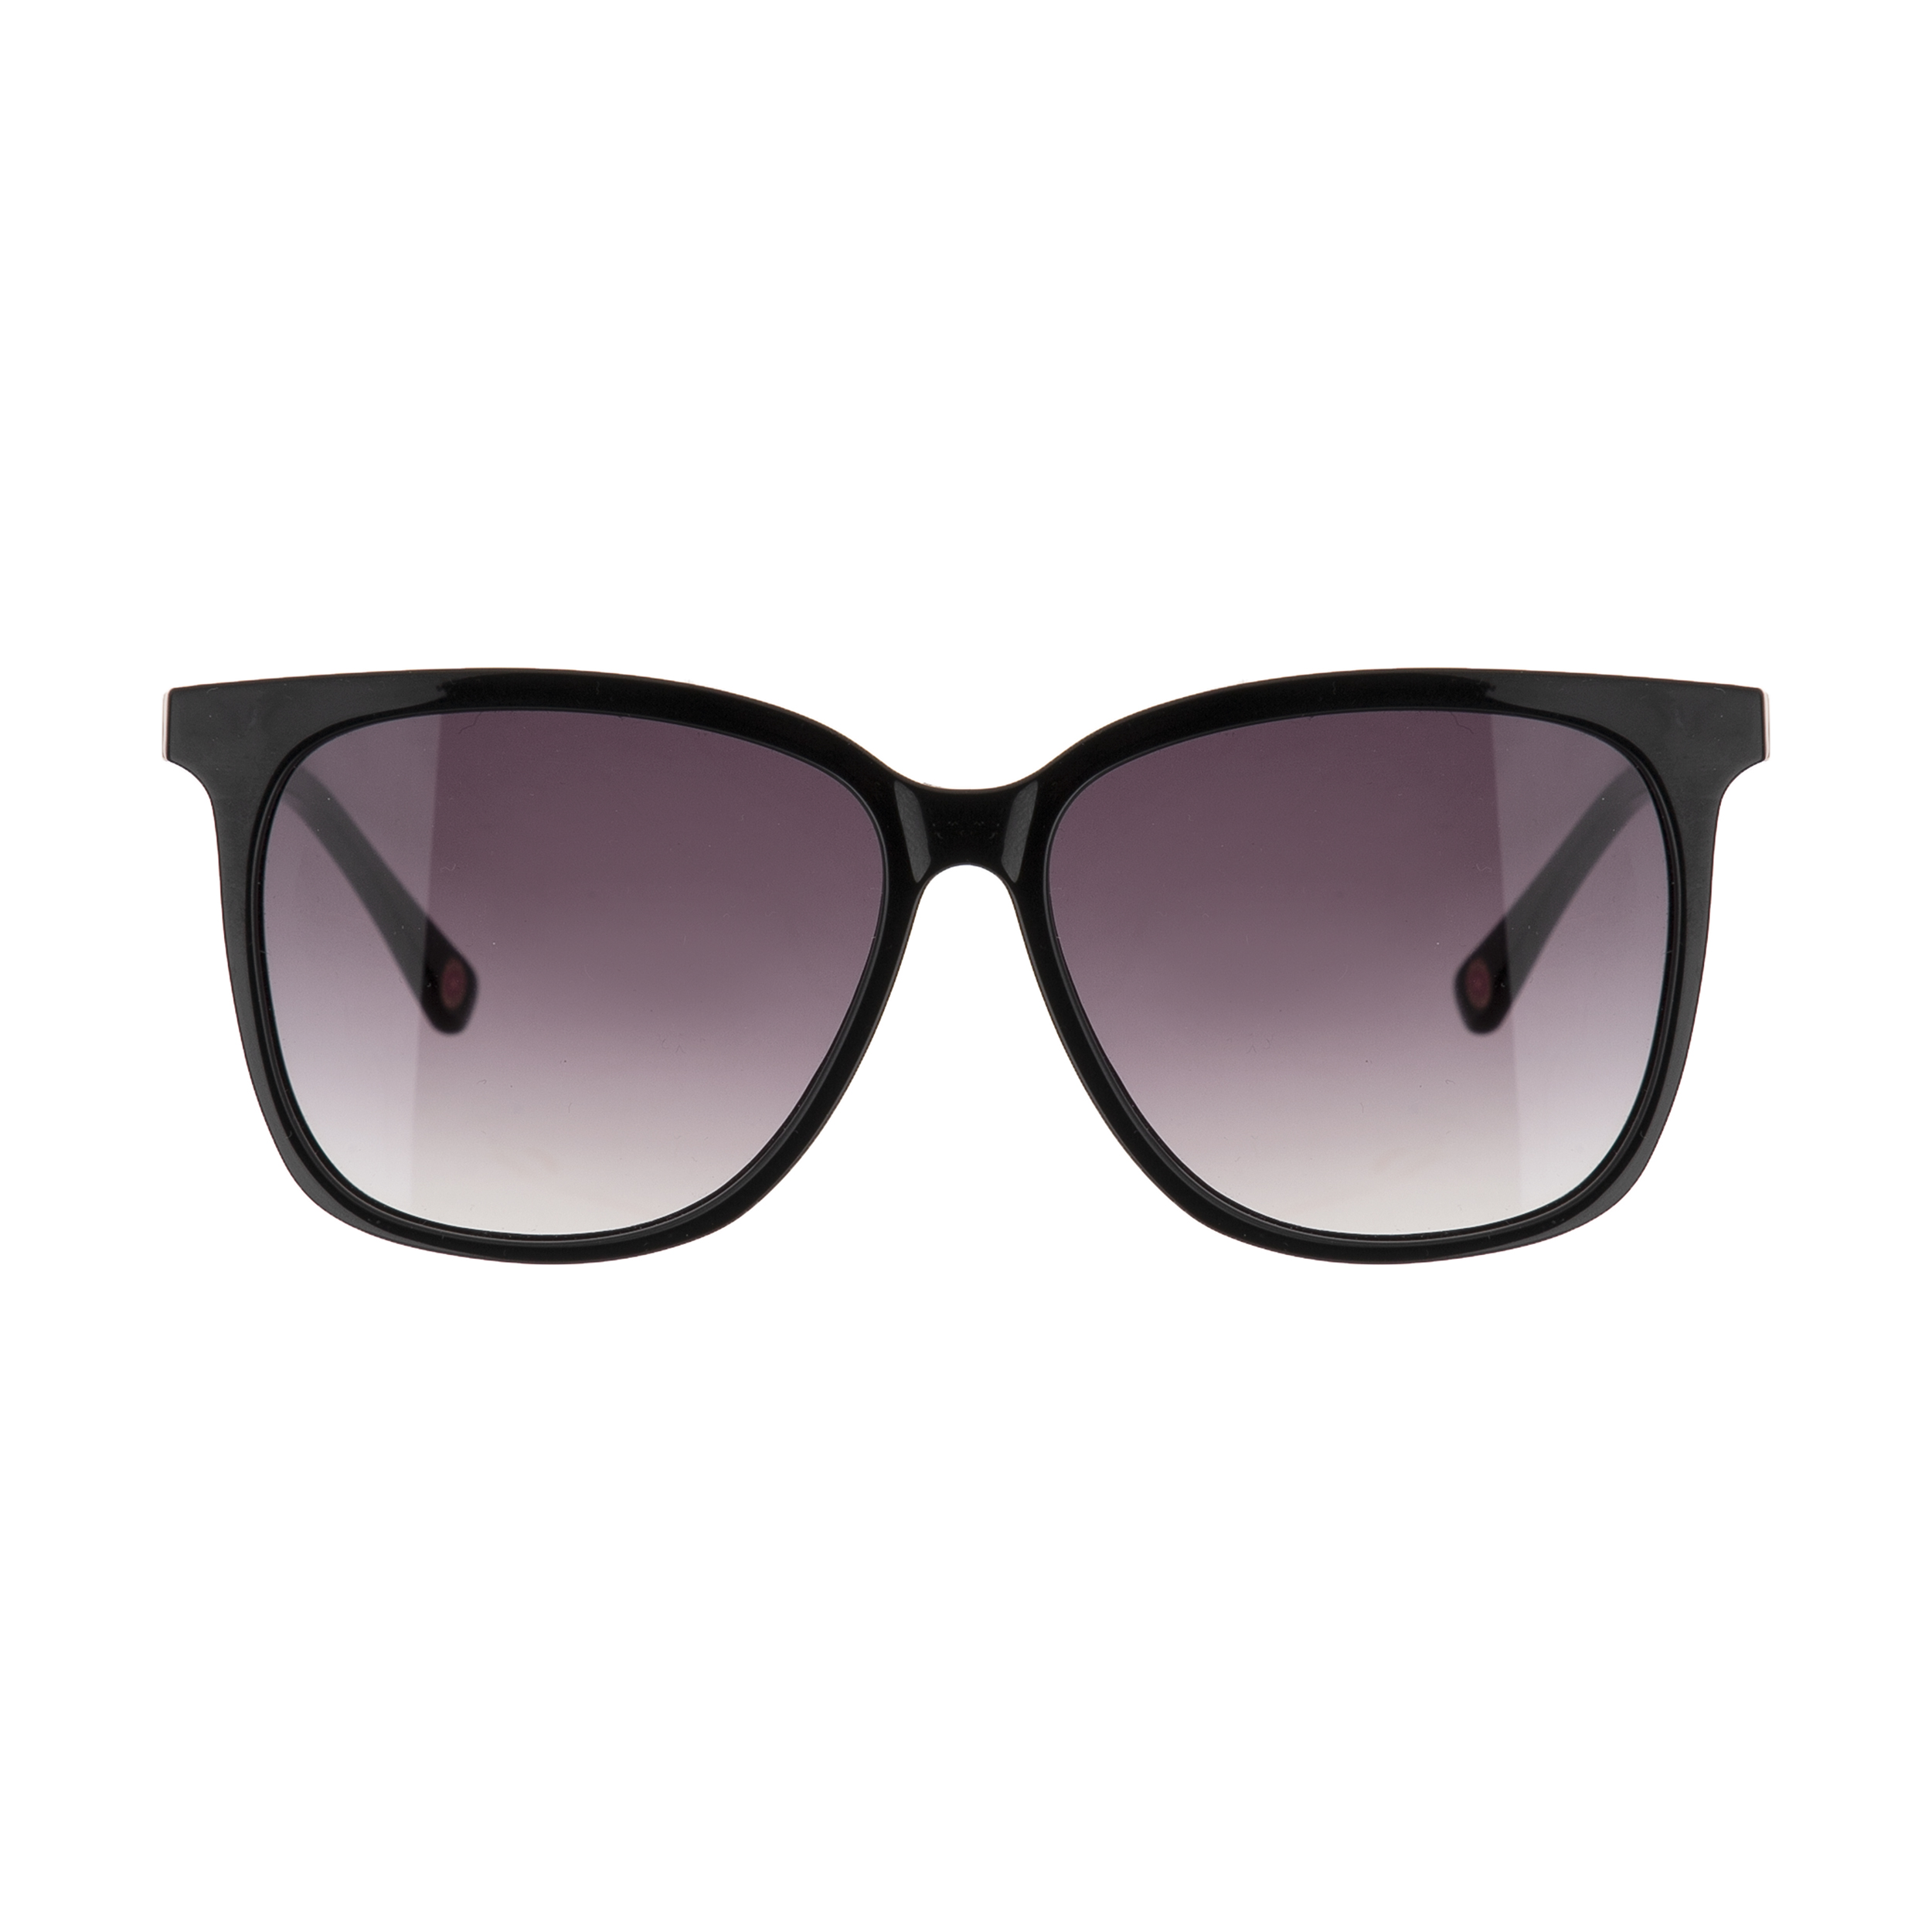 عینک آفتابی زنانه تد بیکر مدل TB 1501 OO1